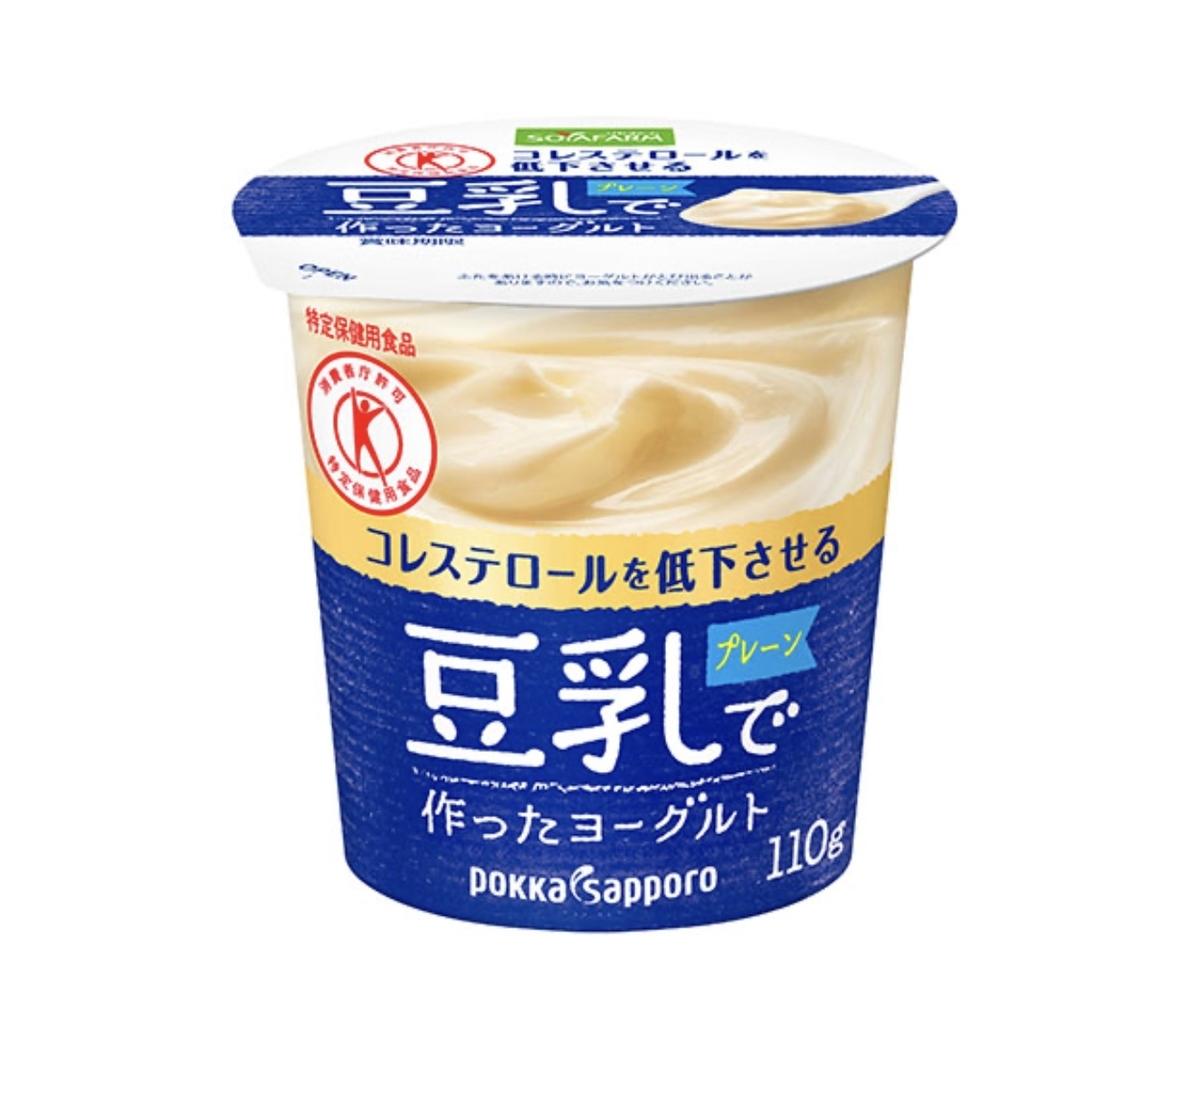 豆乳で作ったヨーグルトの写真